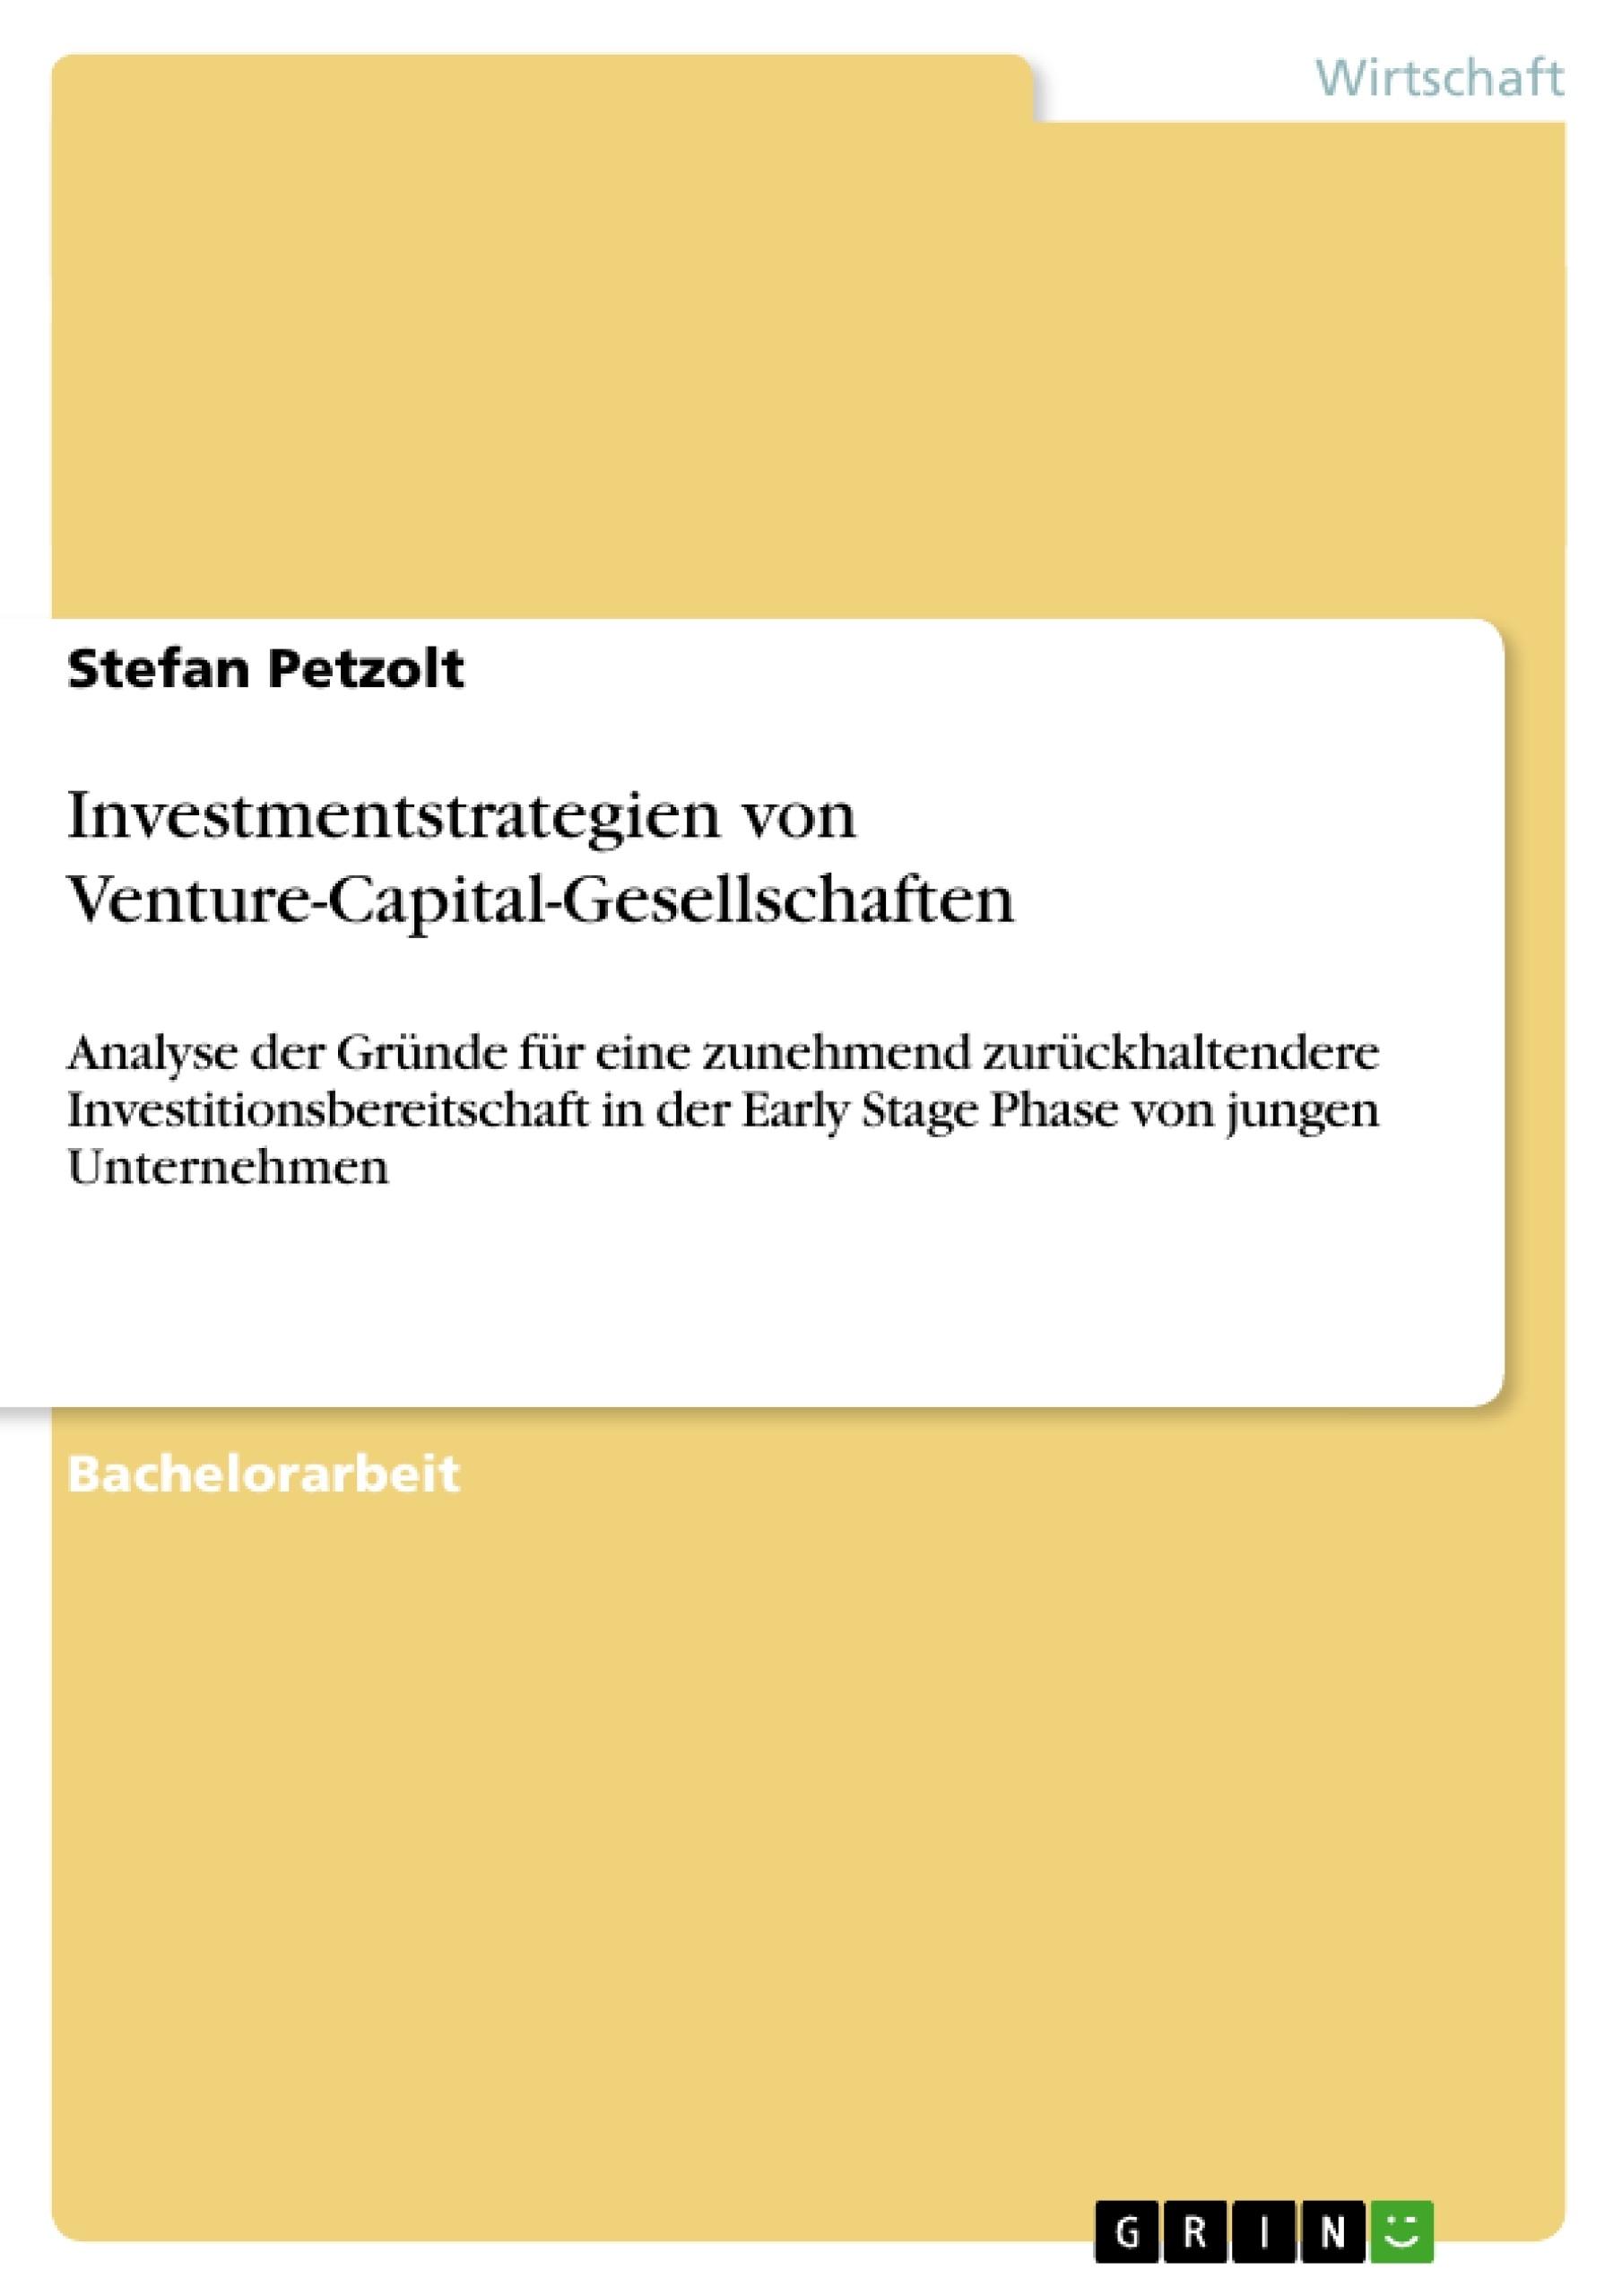 Titel: Investmentstrategien von Venture-Capital-Gesellschaften